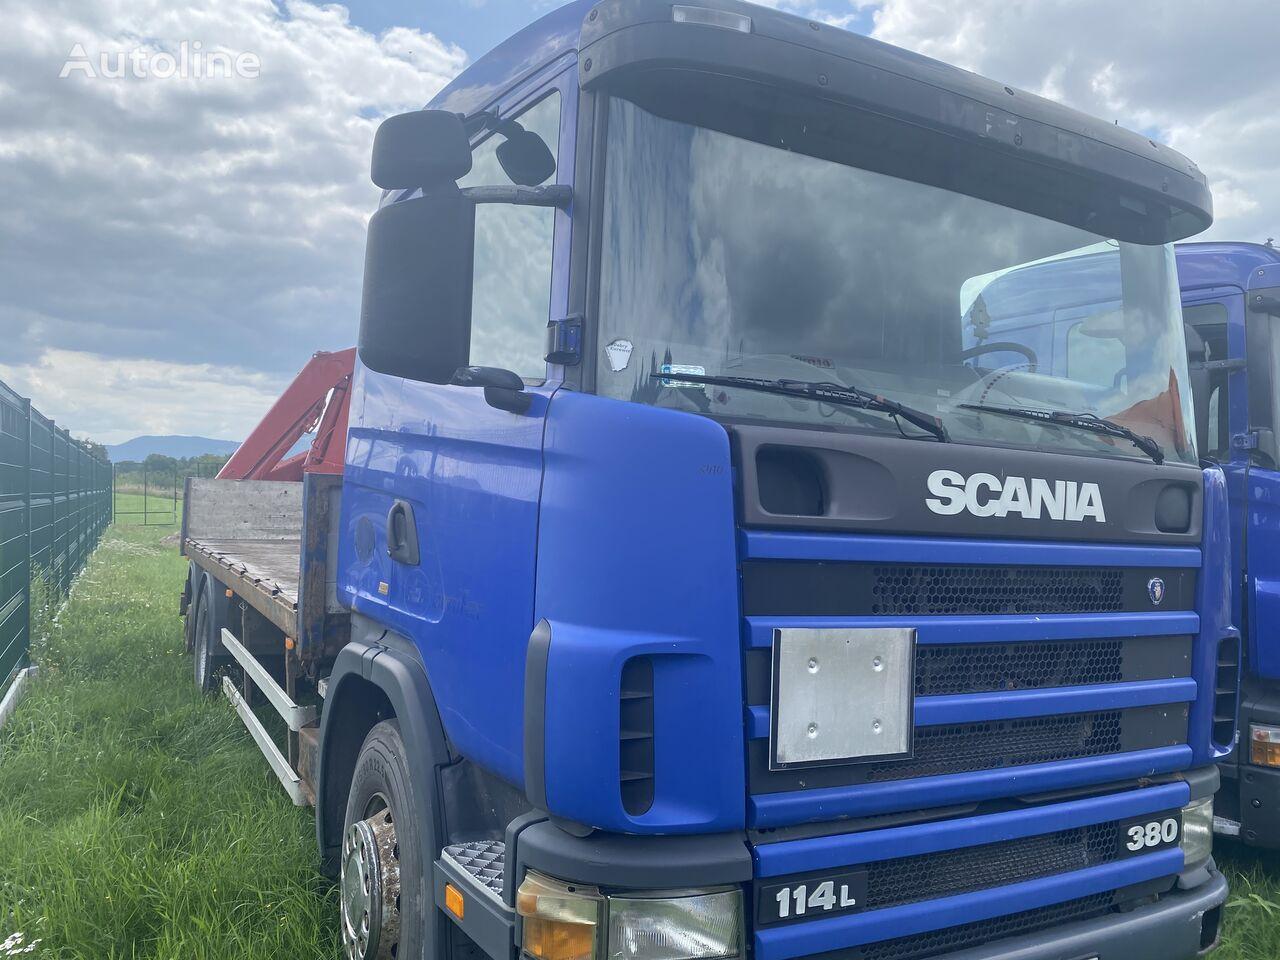 SCANIA 114L 380 + FASSI F110 platform truck